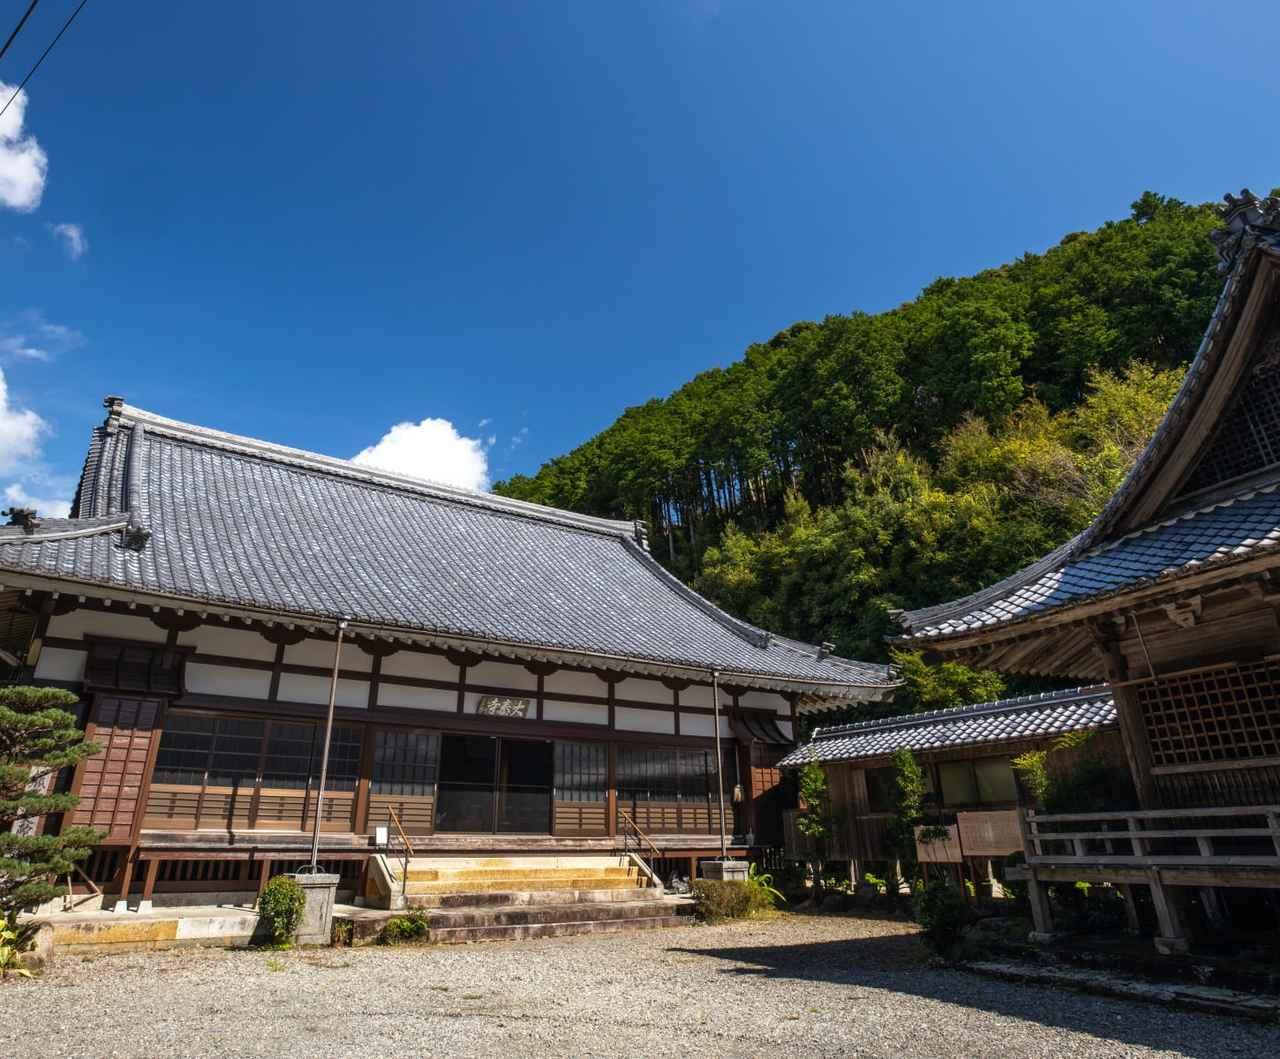 画像: 大泰寺|和歌山県・那智勝浦町でお寺に泊まる「宿坊」体験